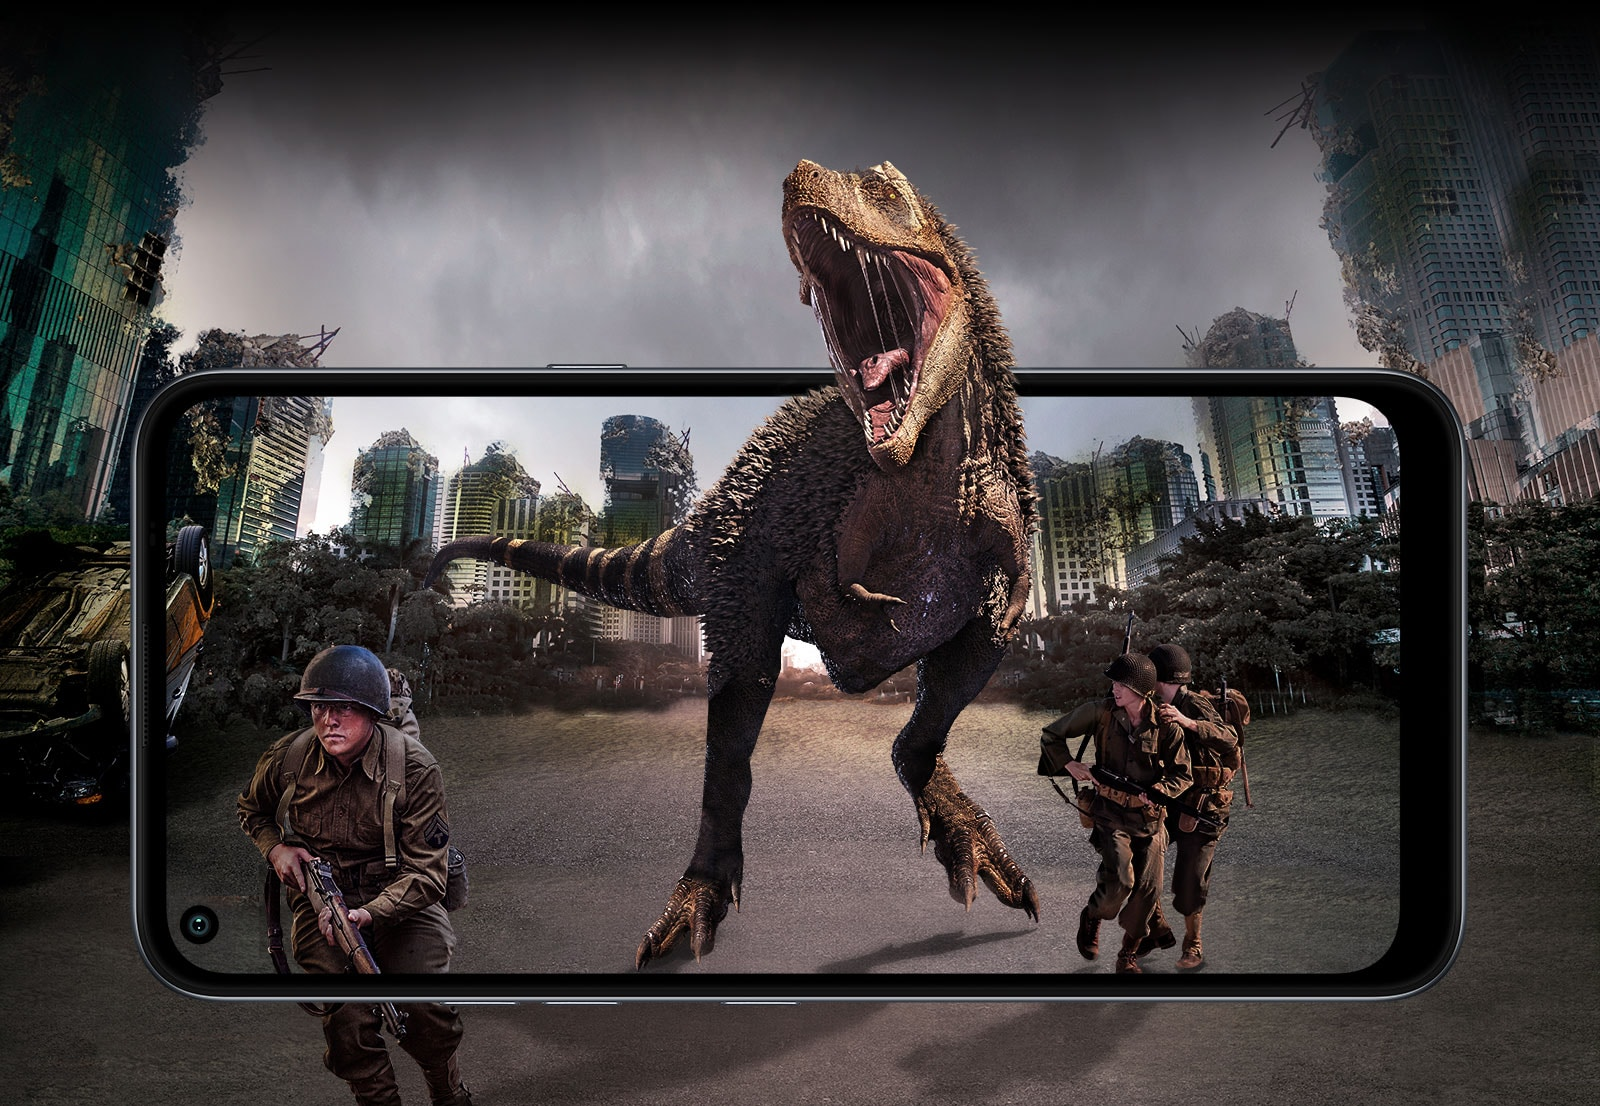 Batalha com soldados e um dinossauro, tendo ao fundo uma cidade destruída